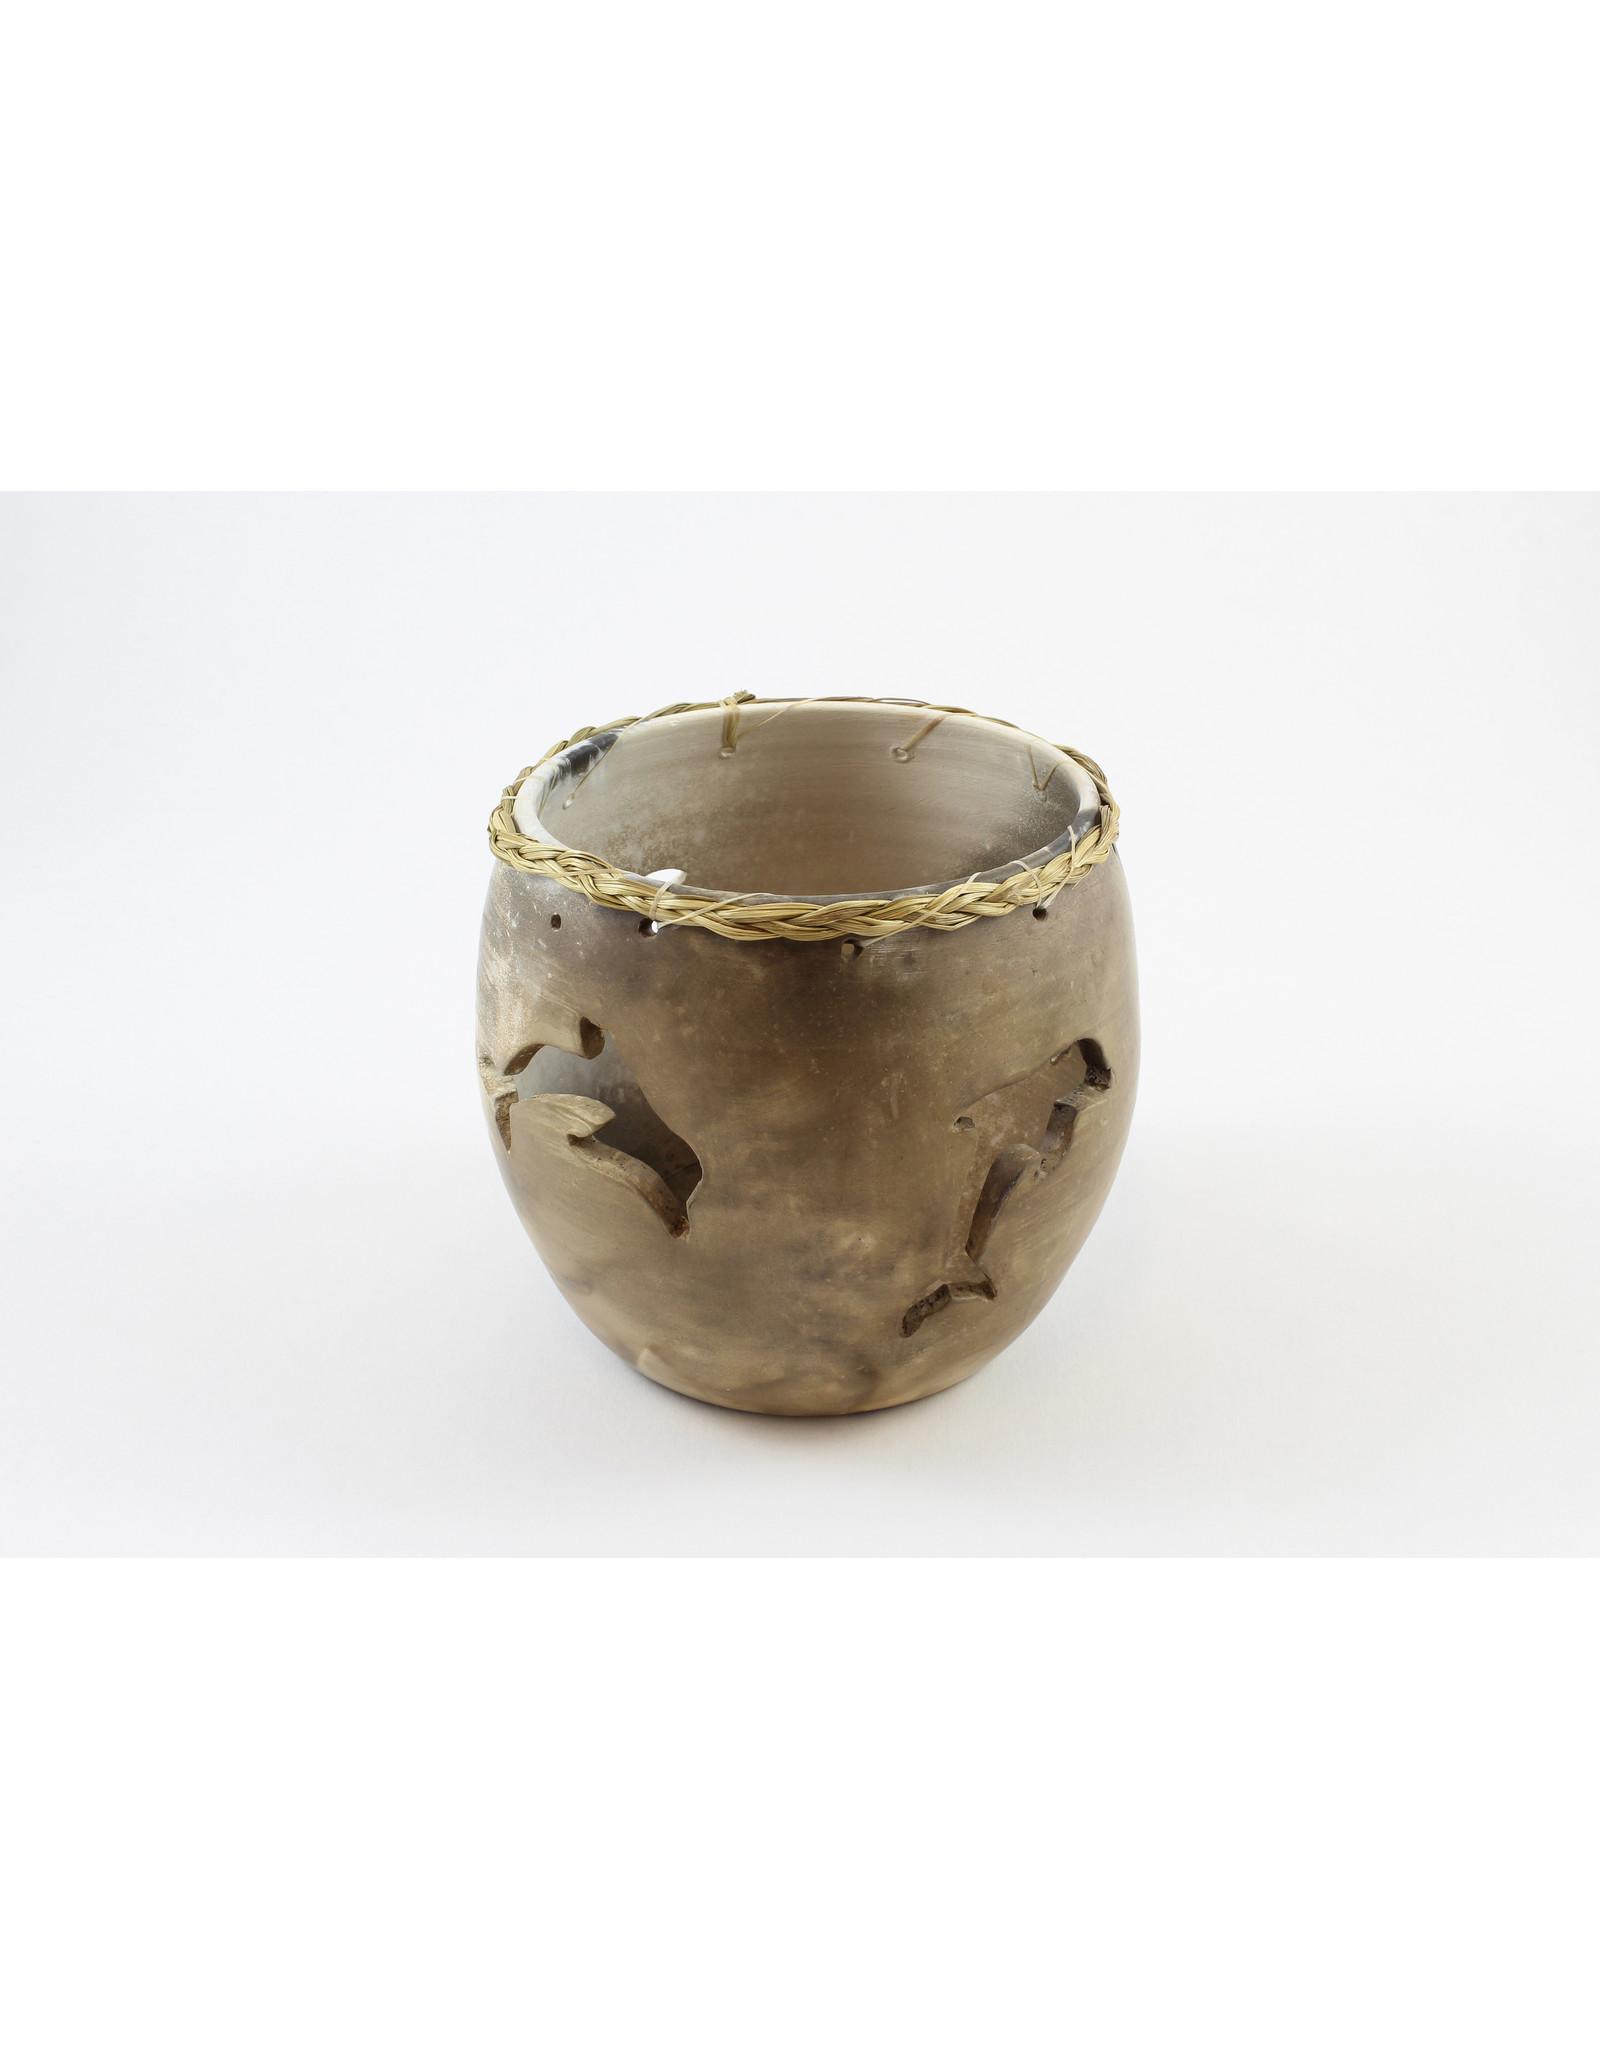 Nancy Oakley Dolphin Pierced Pot by Nancy Oakley